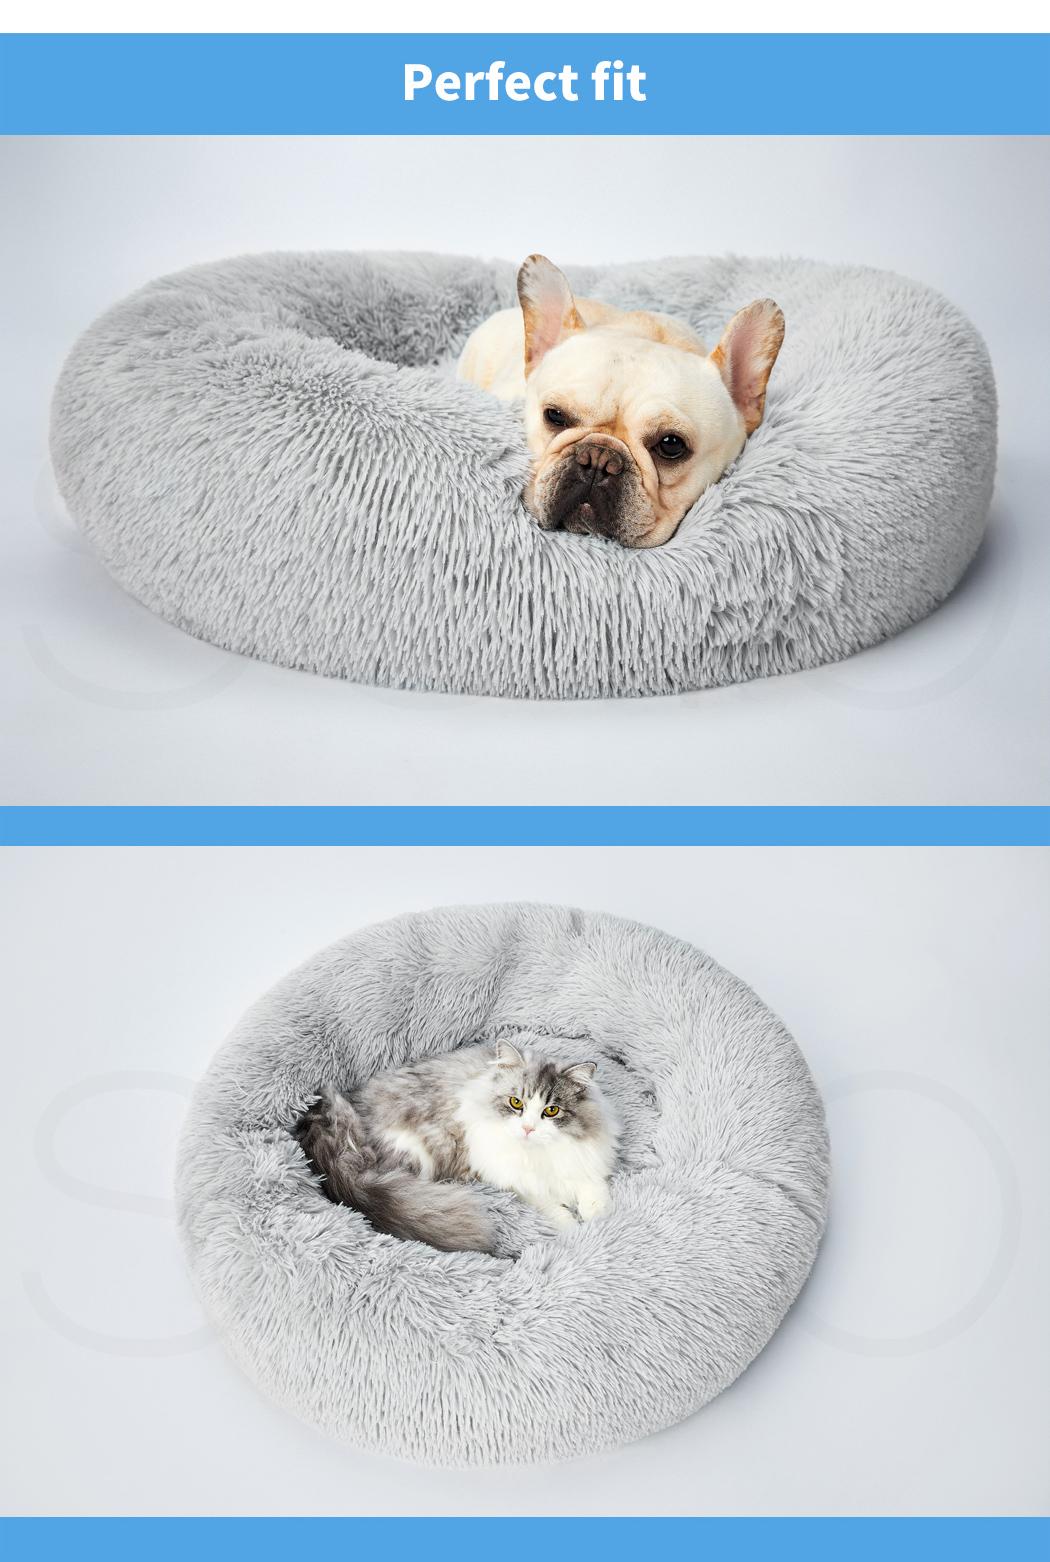 thumbnail 217 - PaWz Pet Bed Cat Dog Donut Nest Calming Mat Soft Plush Kennel Cave Deep Sleeping